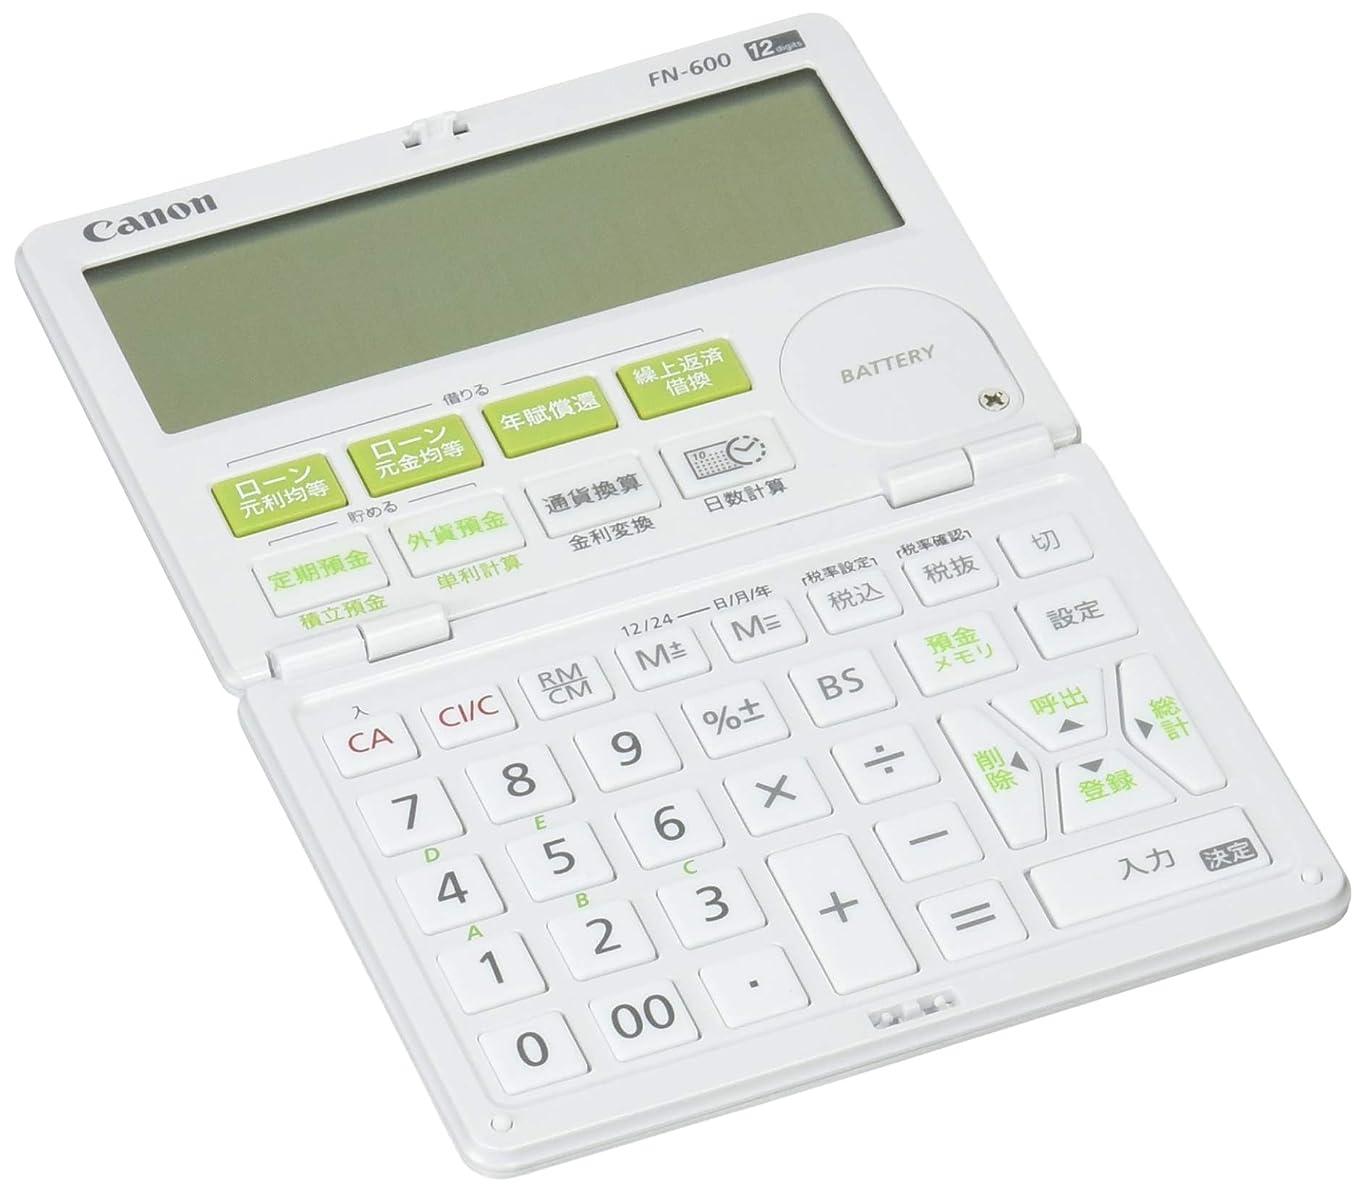 降雨無秩序呼吸するキヤノン 12桁金融電卓 FN-600 借りる計算、貯める計算に便利